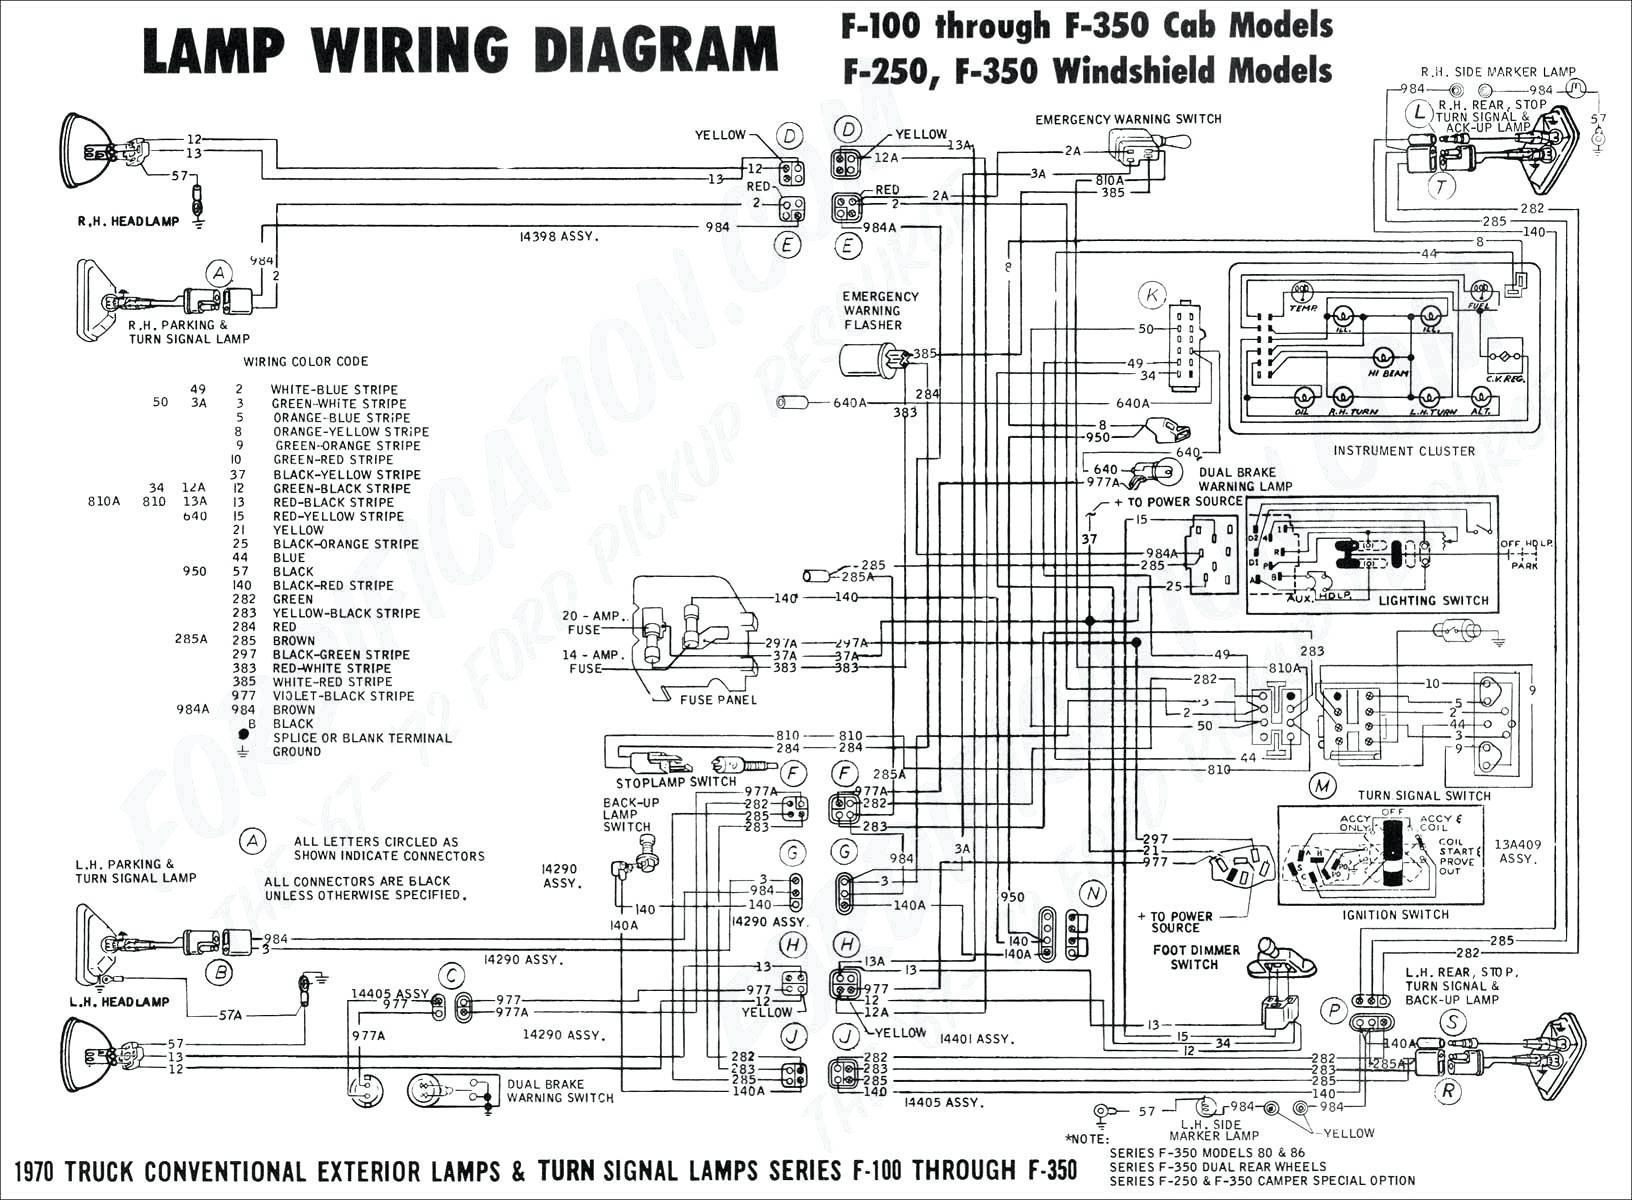 Chevy Truck Parts Diagram 2006 Chevy Silverado Parts Diagram Wiring Diagram Datasource Of Chevy Truck Parts Diagram